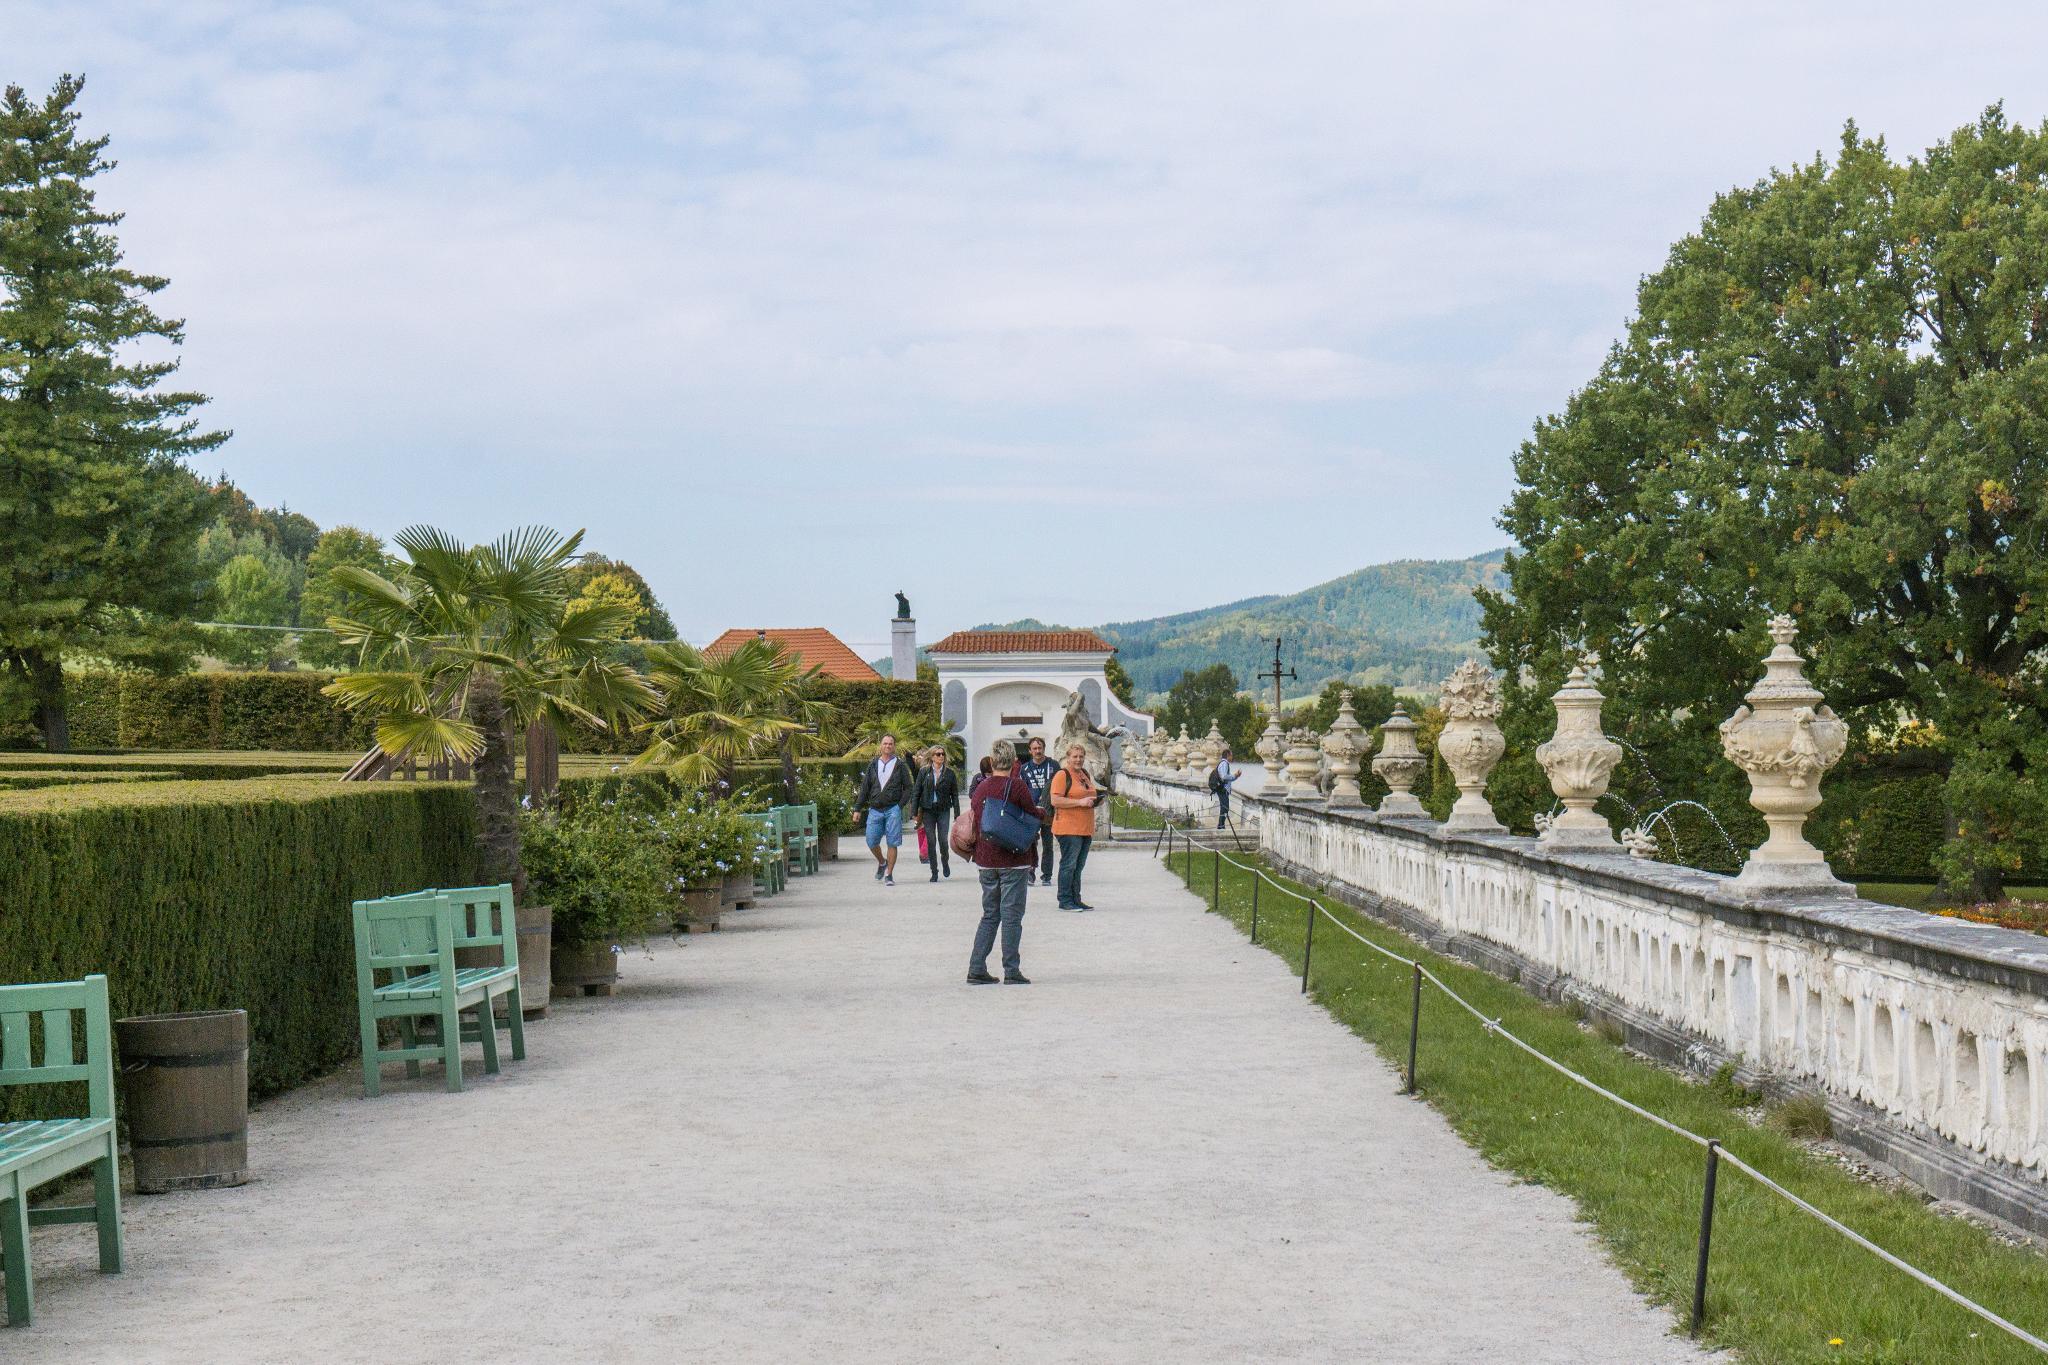 【捷克】穿越時空的波希米亞狂想曲 — Český Krumlov Castle 庫倫諾夫城堡 32